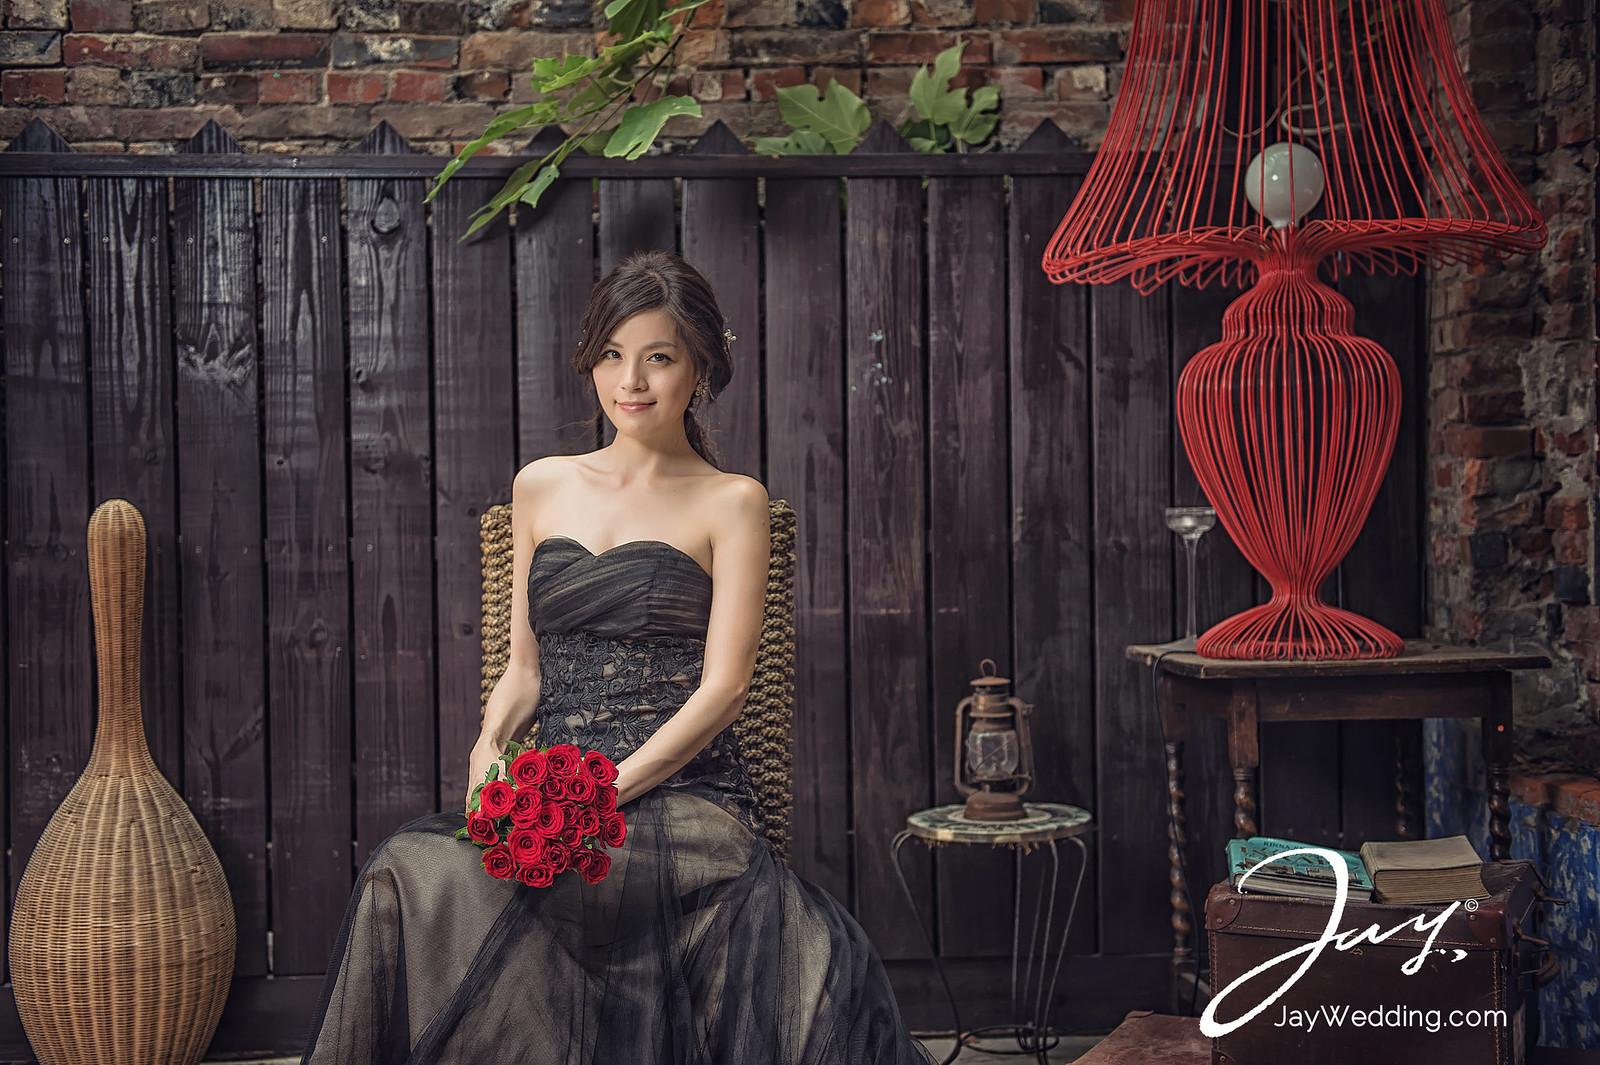 婚紗,婚攝,京都,大阪,食尚曼谷,海外婚紗,自助婚紗,自主婚紗,婚攝A-Jay,婚攝阿杰,jay hsieh,JAY_3389